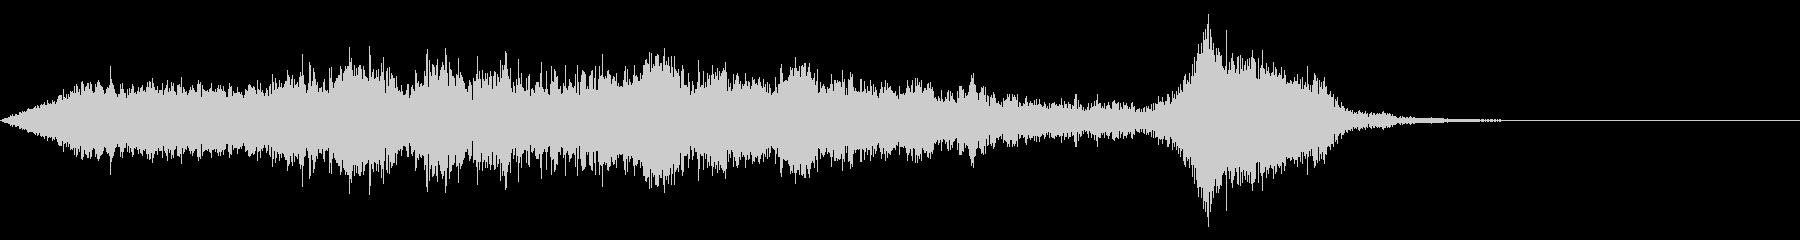 ワープ 宇宙的 未来的な効果音 04の未再生の波形